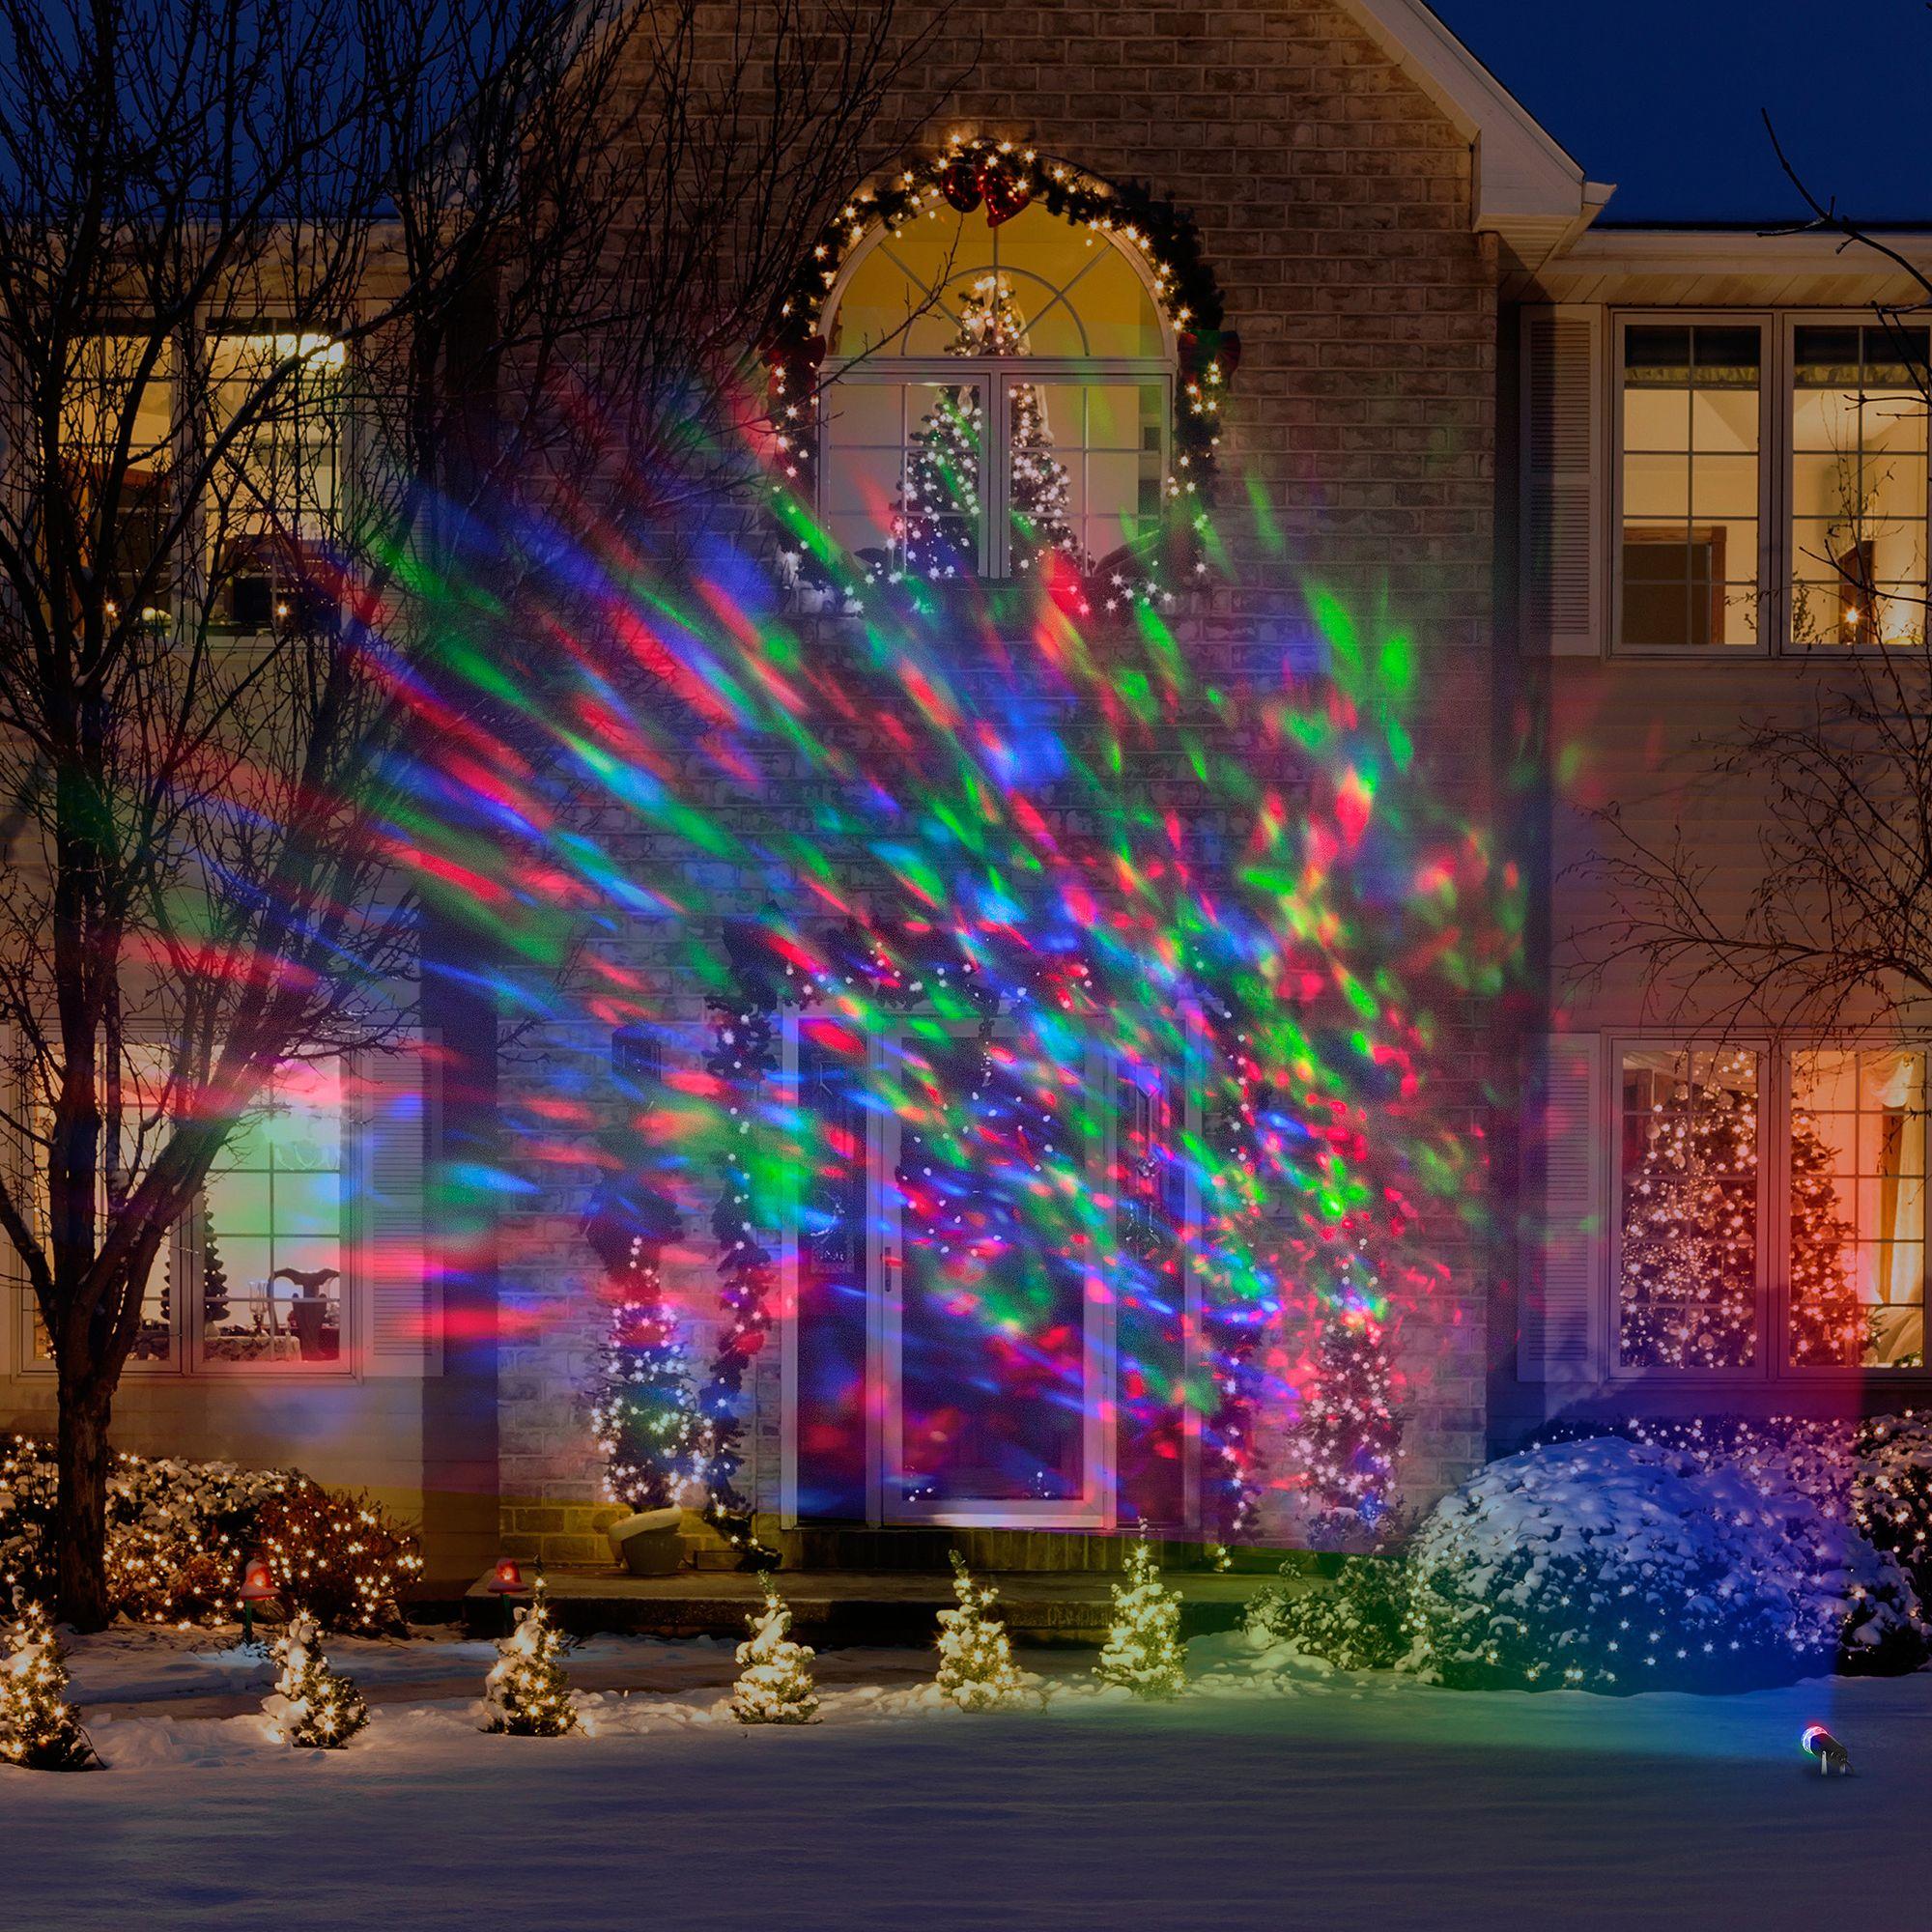 Weihnachtsbeleuchtung Außen Für Große Bäume.Hängende Weihnachtsbeleuchtung Außen Bäume Weihnachten Garten